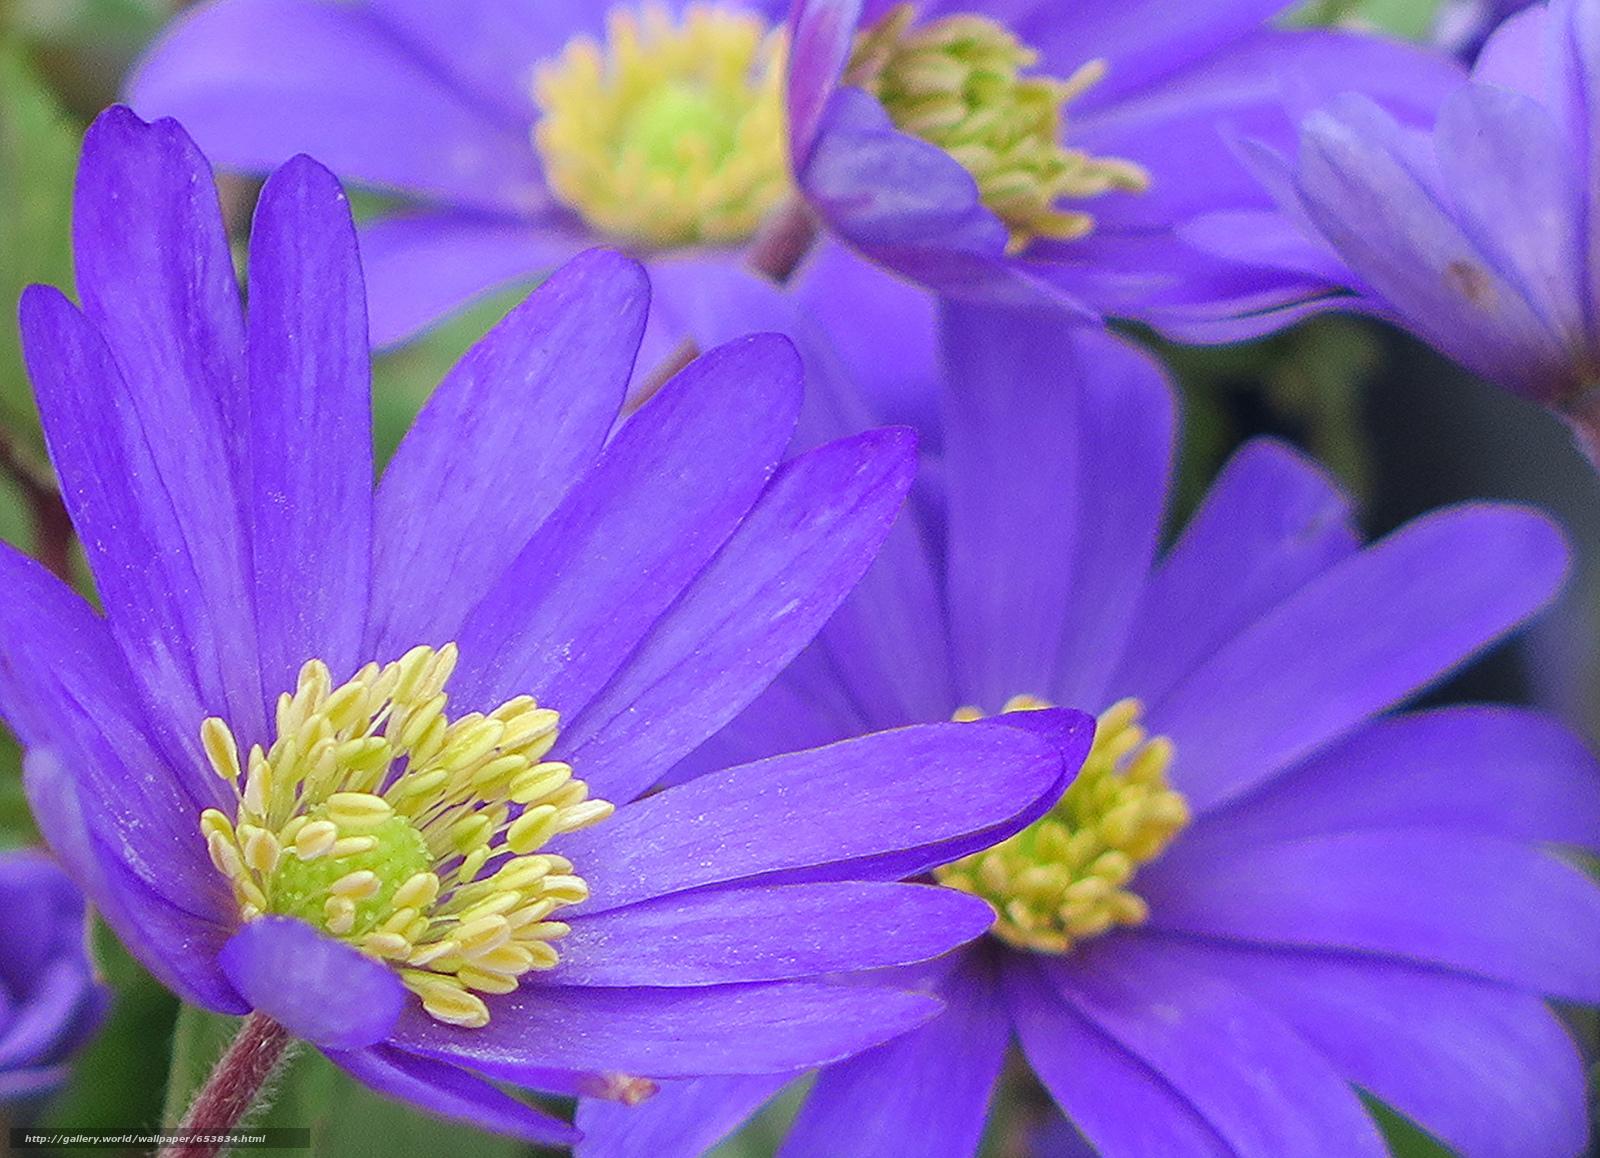 Скачать обои цветы,  цветок,  макро,  красивый цветок бесплатно для рабочего стола в разрешении 2048x1482 — картинка №653834